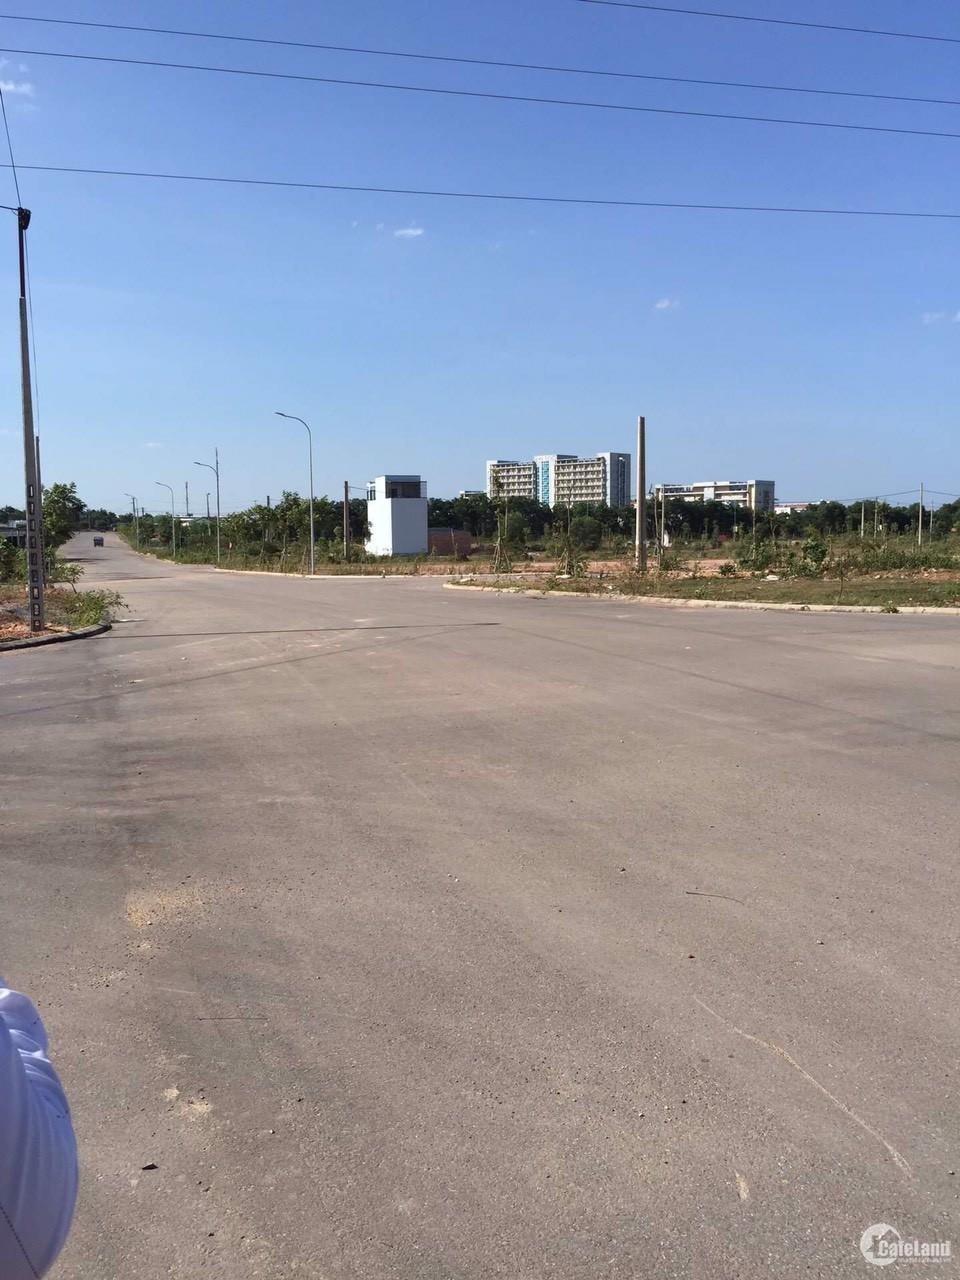 Đất nền liền kề khu công nghệ cao trung tâm thành phố Đông Hà – Giá đầu tư chỉ tù 6,5 triệu/m2